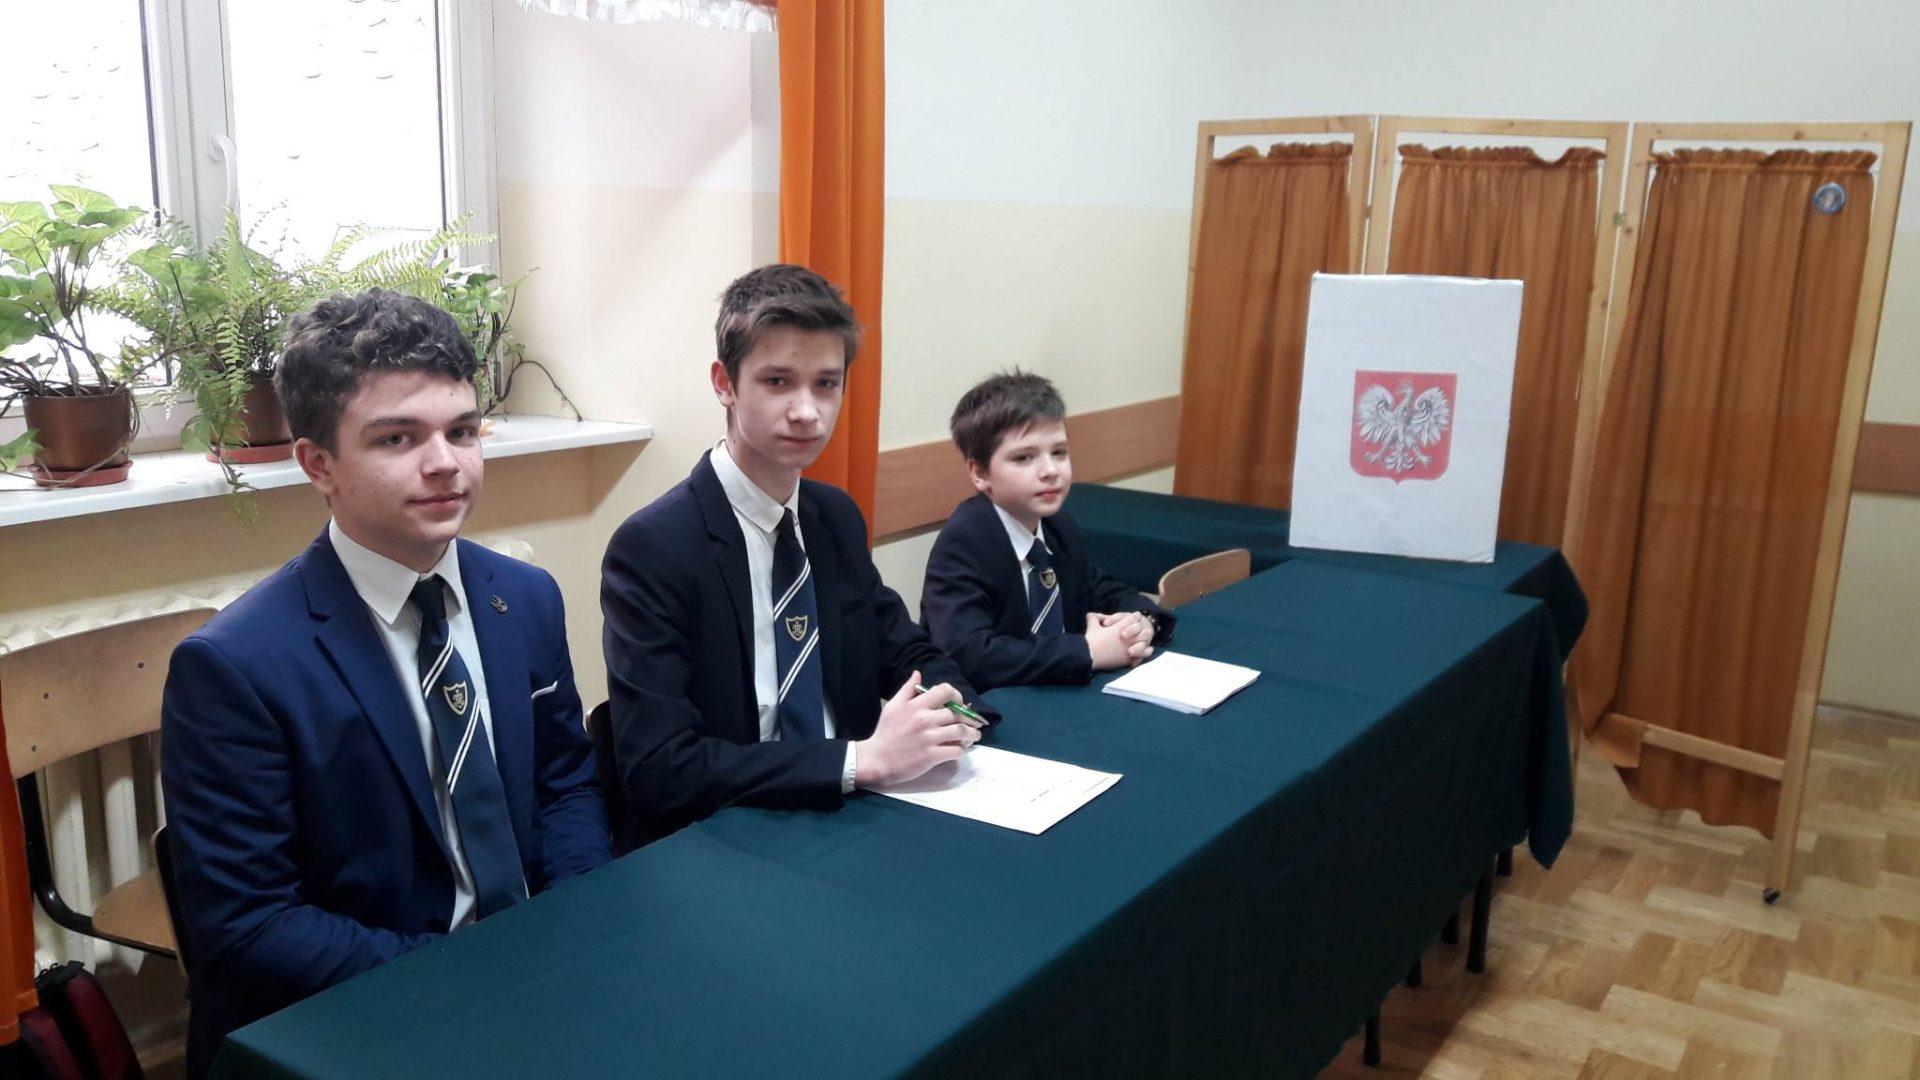 Wybory do Samorządu Uczniowskiego Szkoły Podstawowej